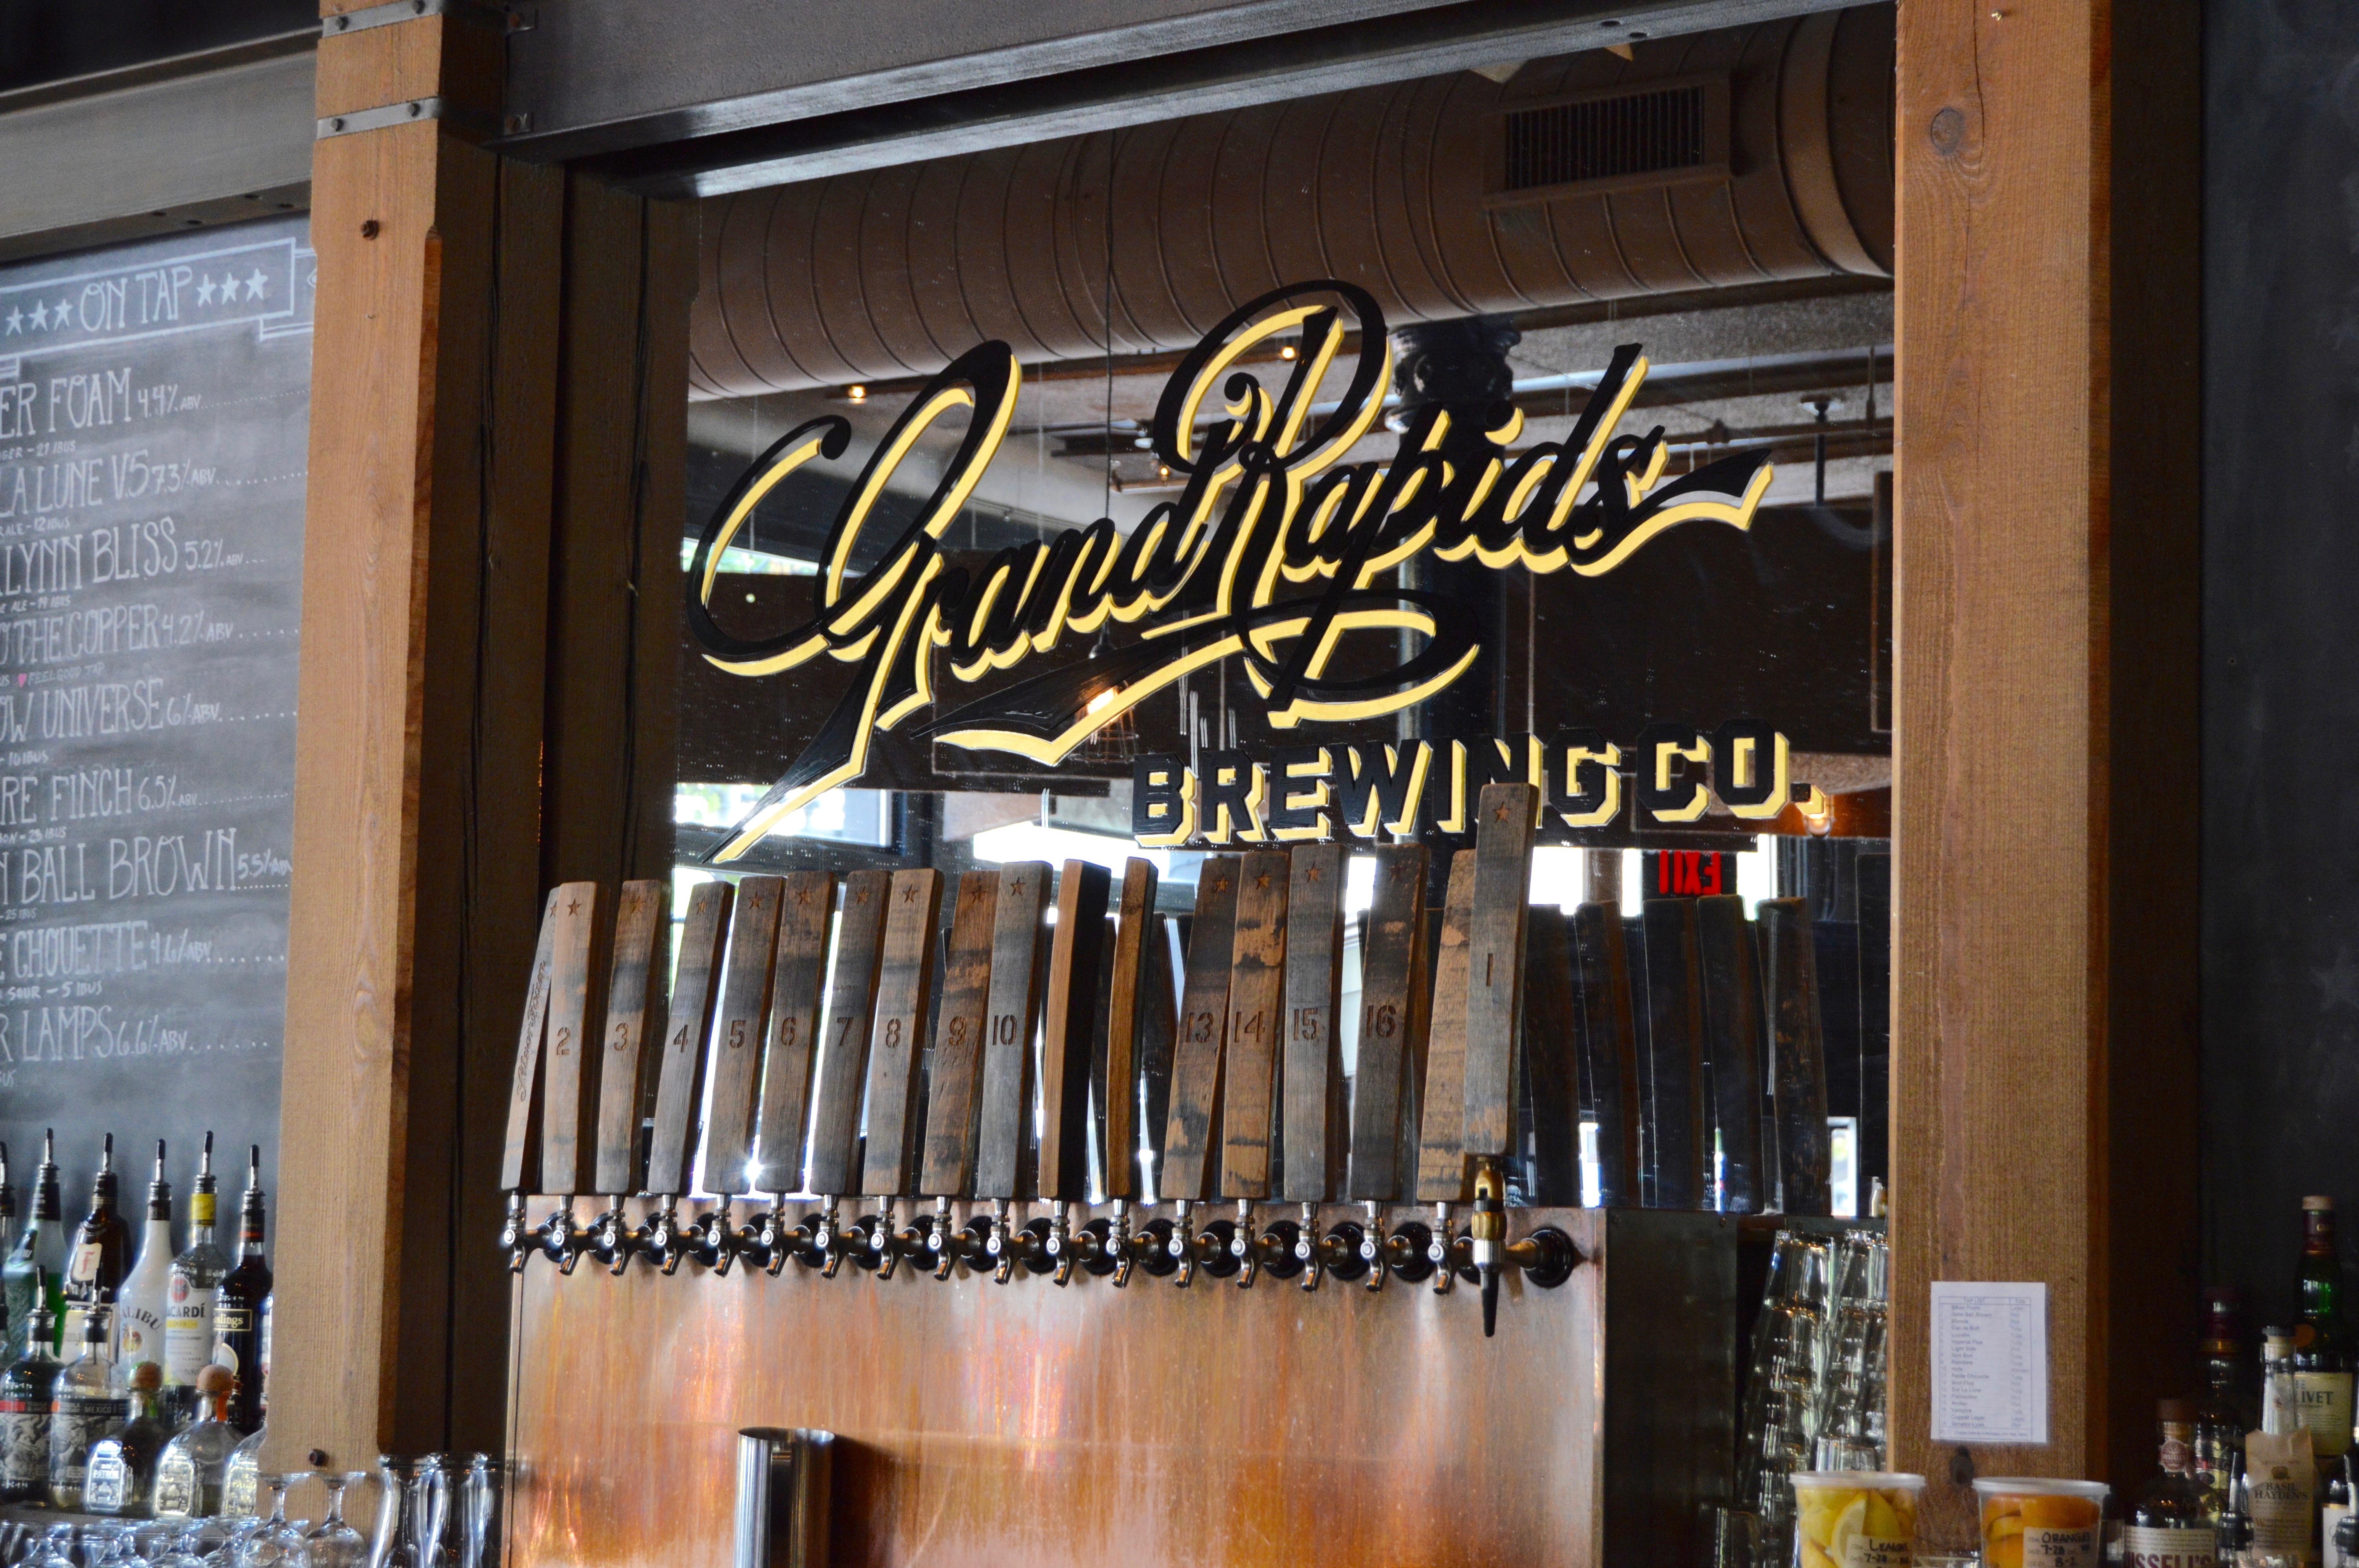 Grand Rapids Brewing beer taps